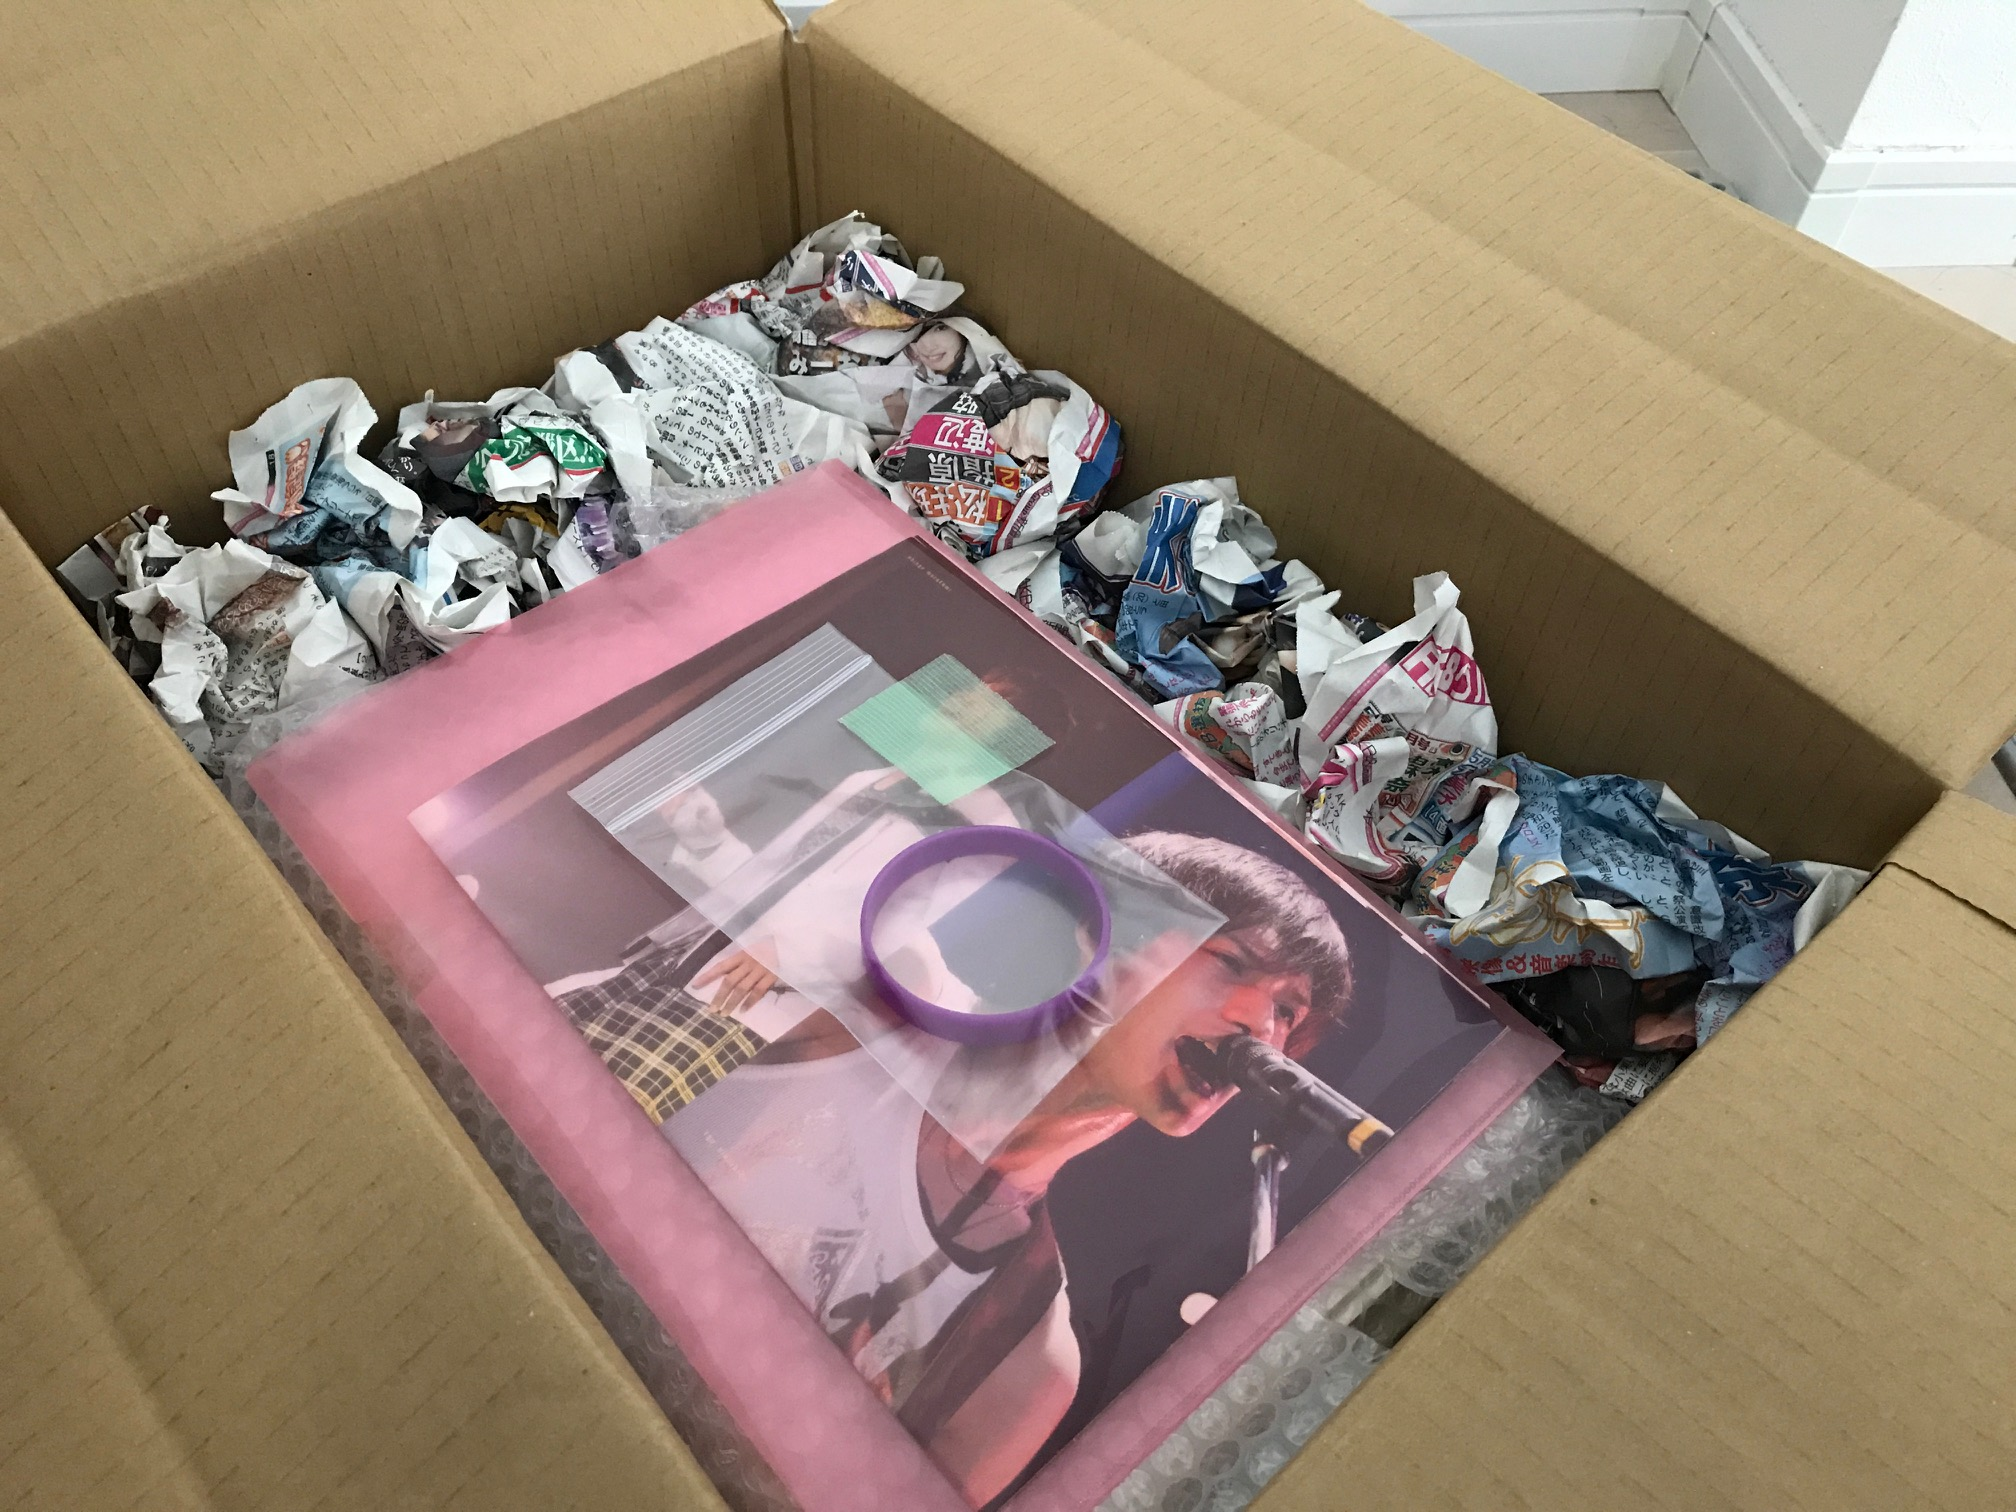 梱包したグッズをダンボールに詰めた写真(梱包材で隙間の一部を埋めた状態)